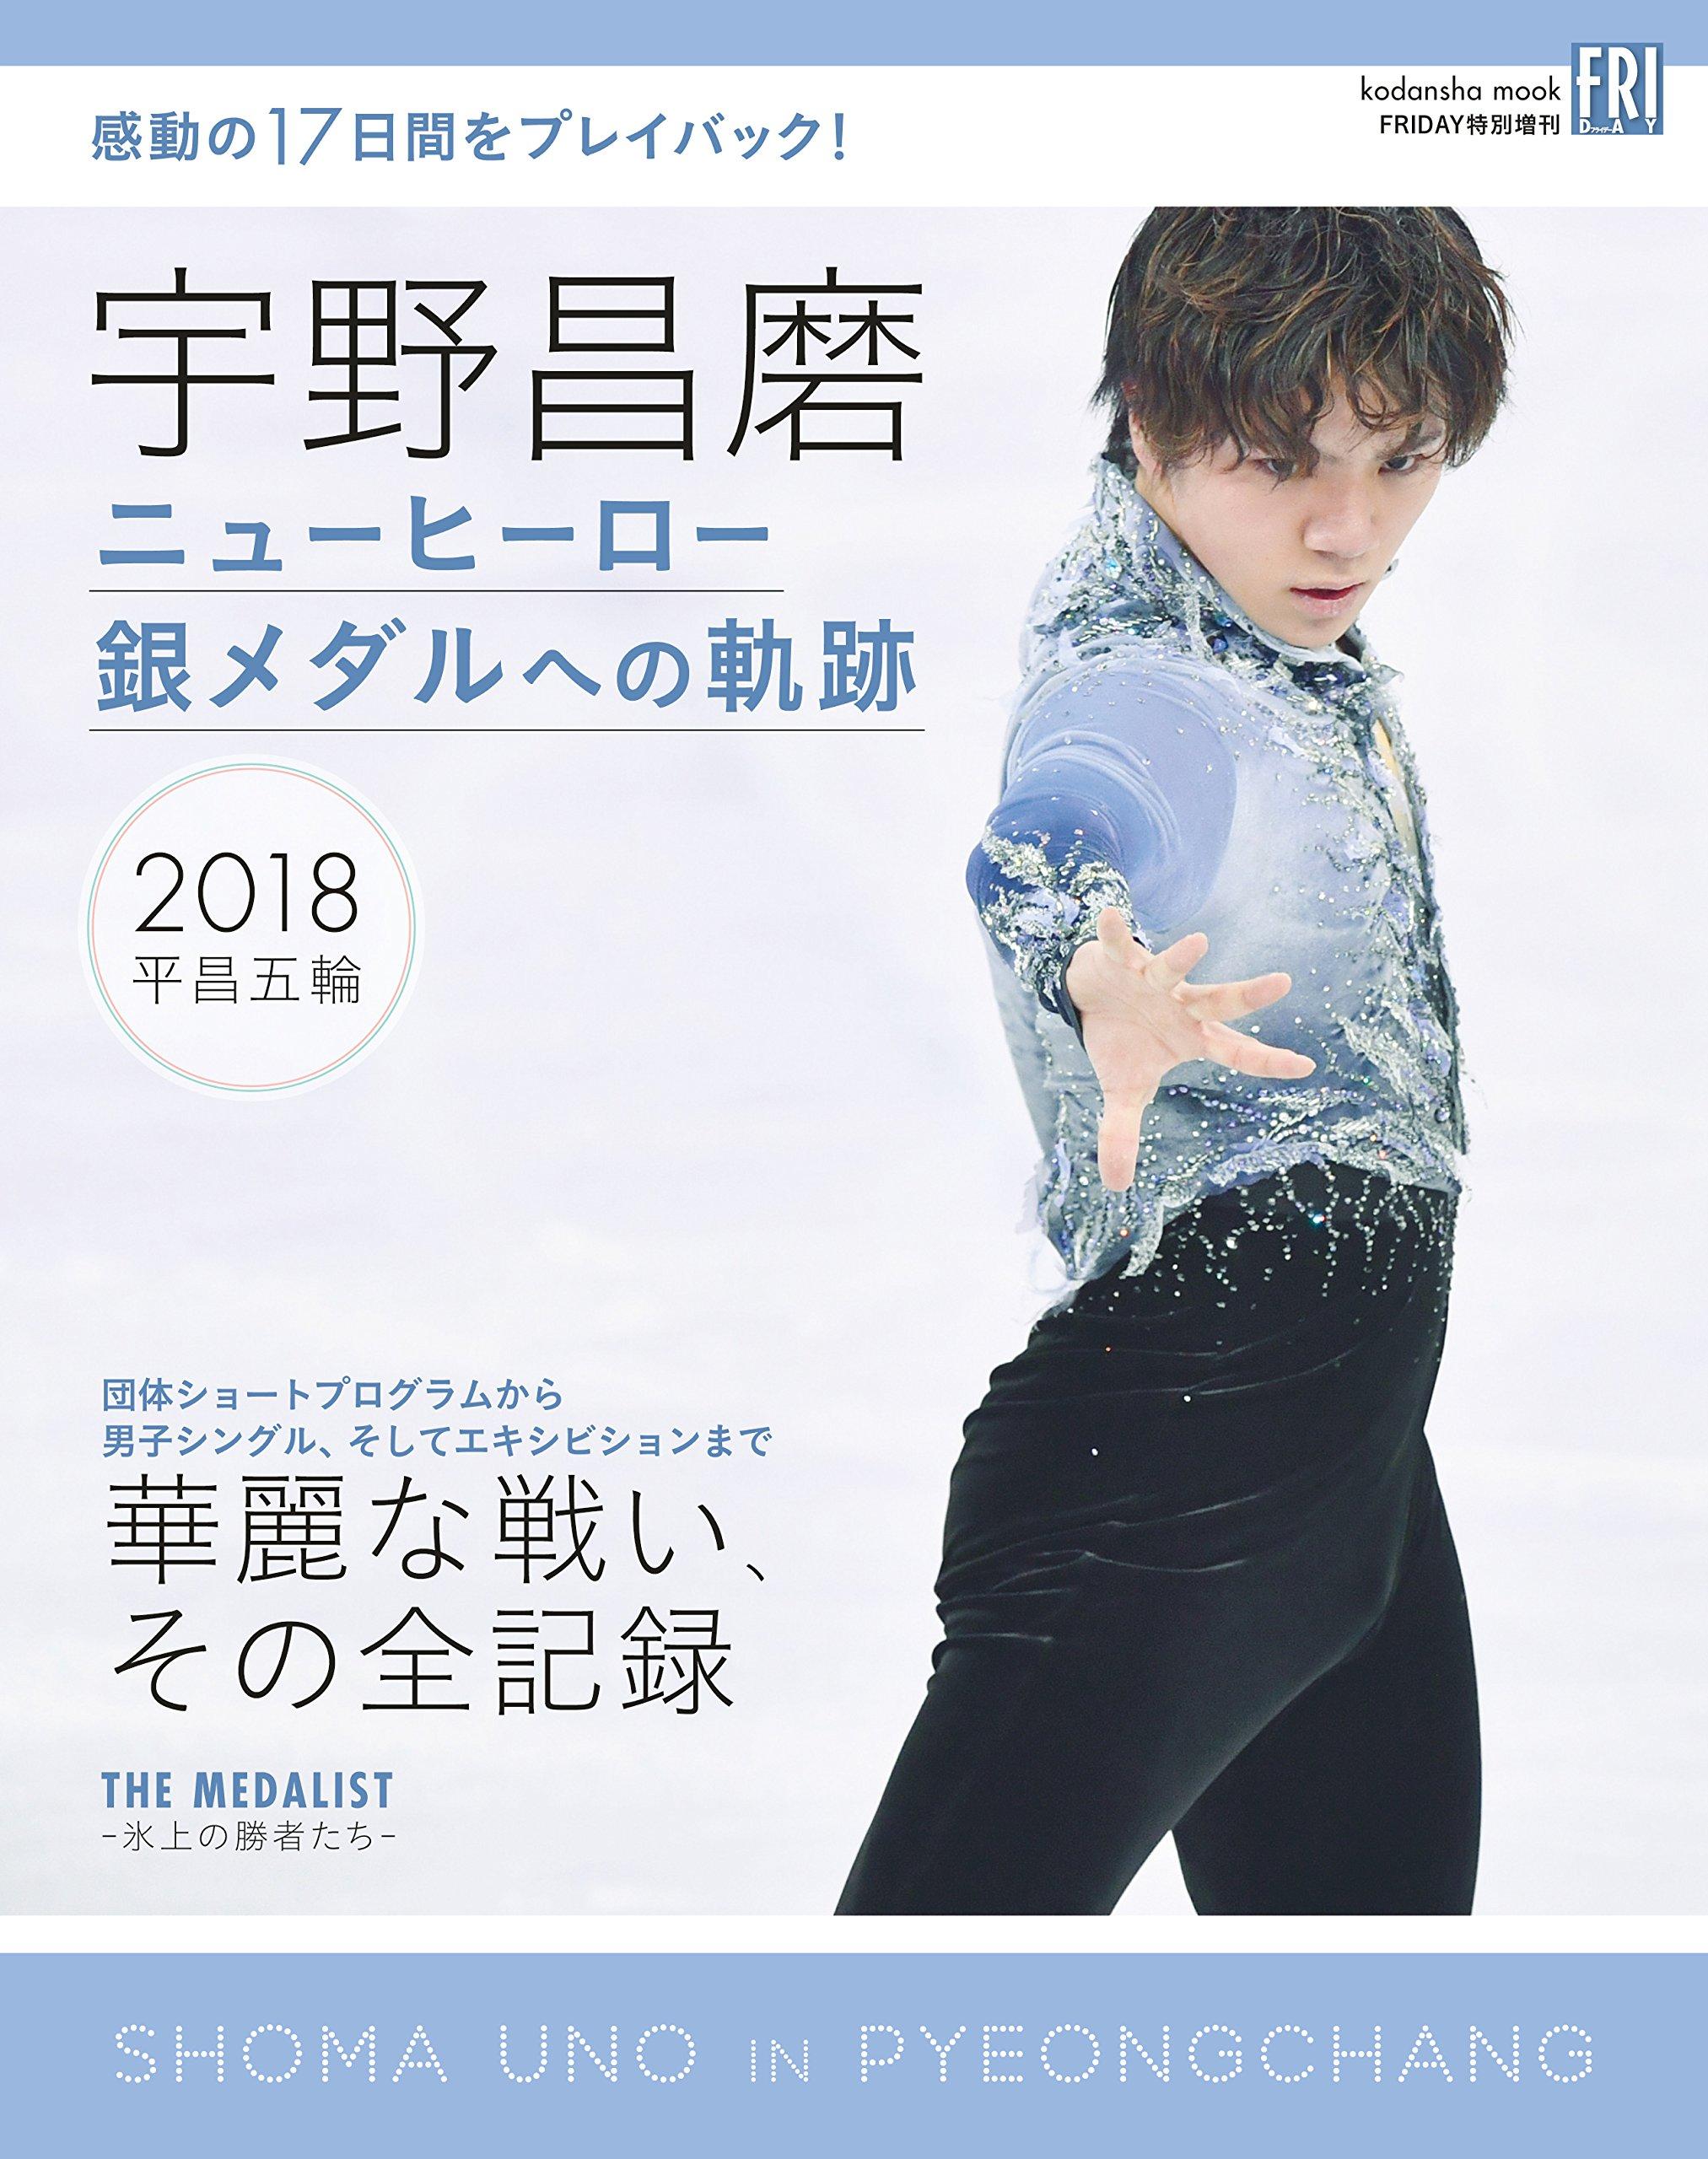 宇野昌磨選手の写真集の売上ランキングがスポーツカテゴリで1位を獲得!